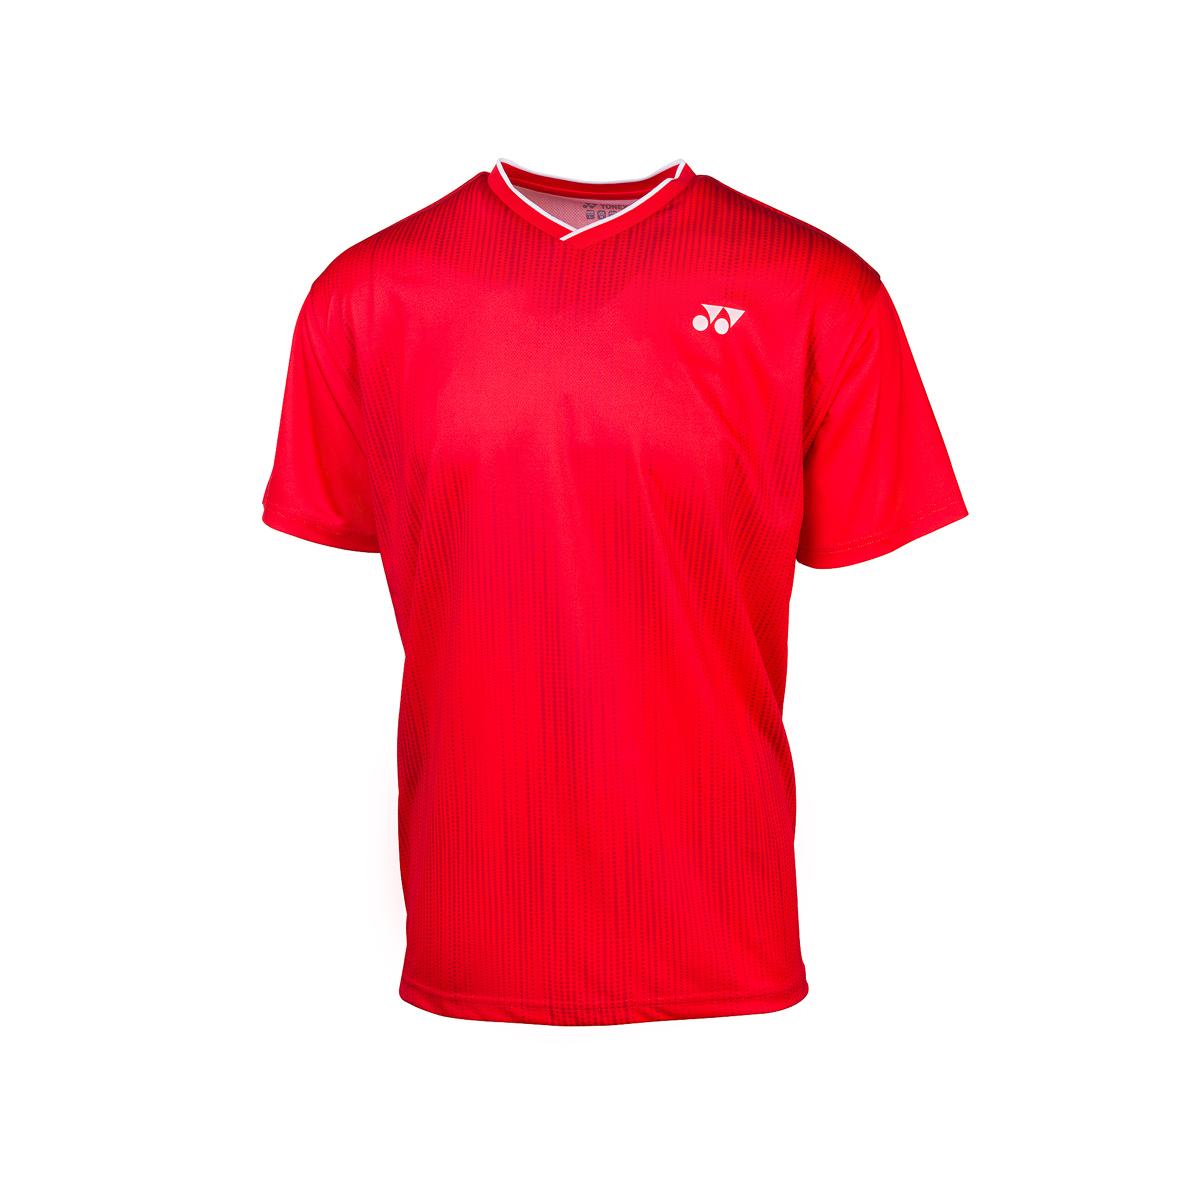 Men's Crew Neck Shirt Modell 2021Detailbild - 3